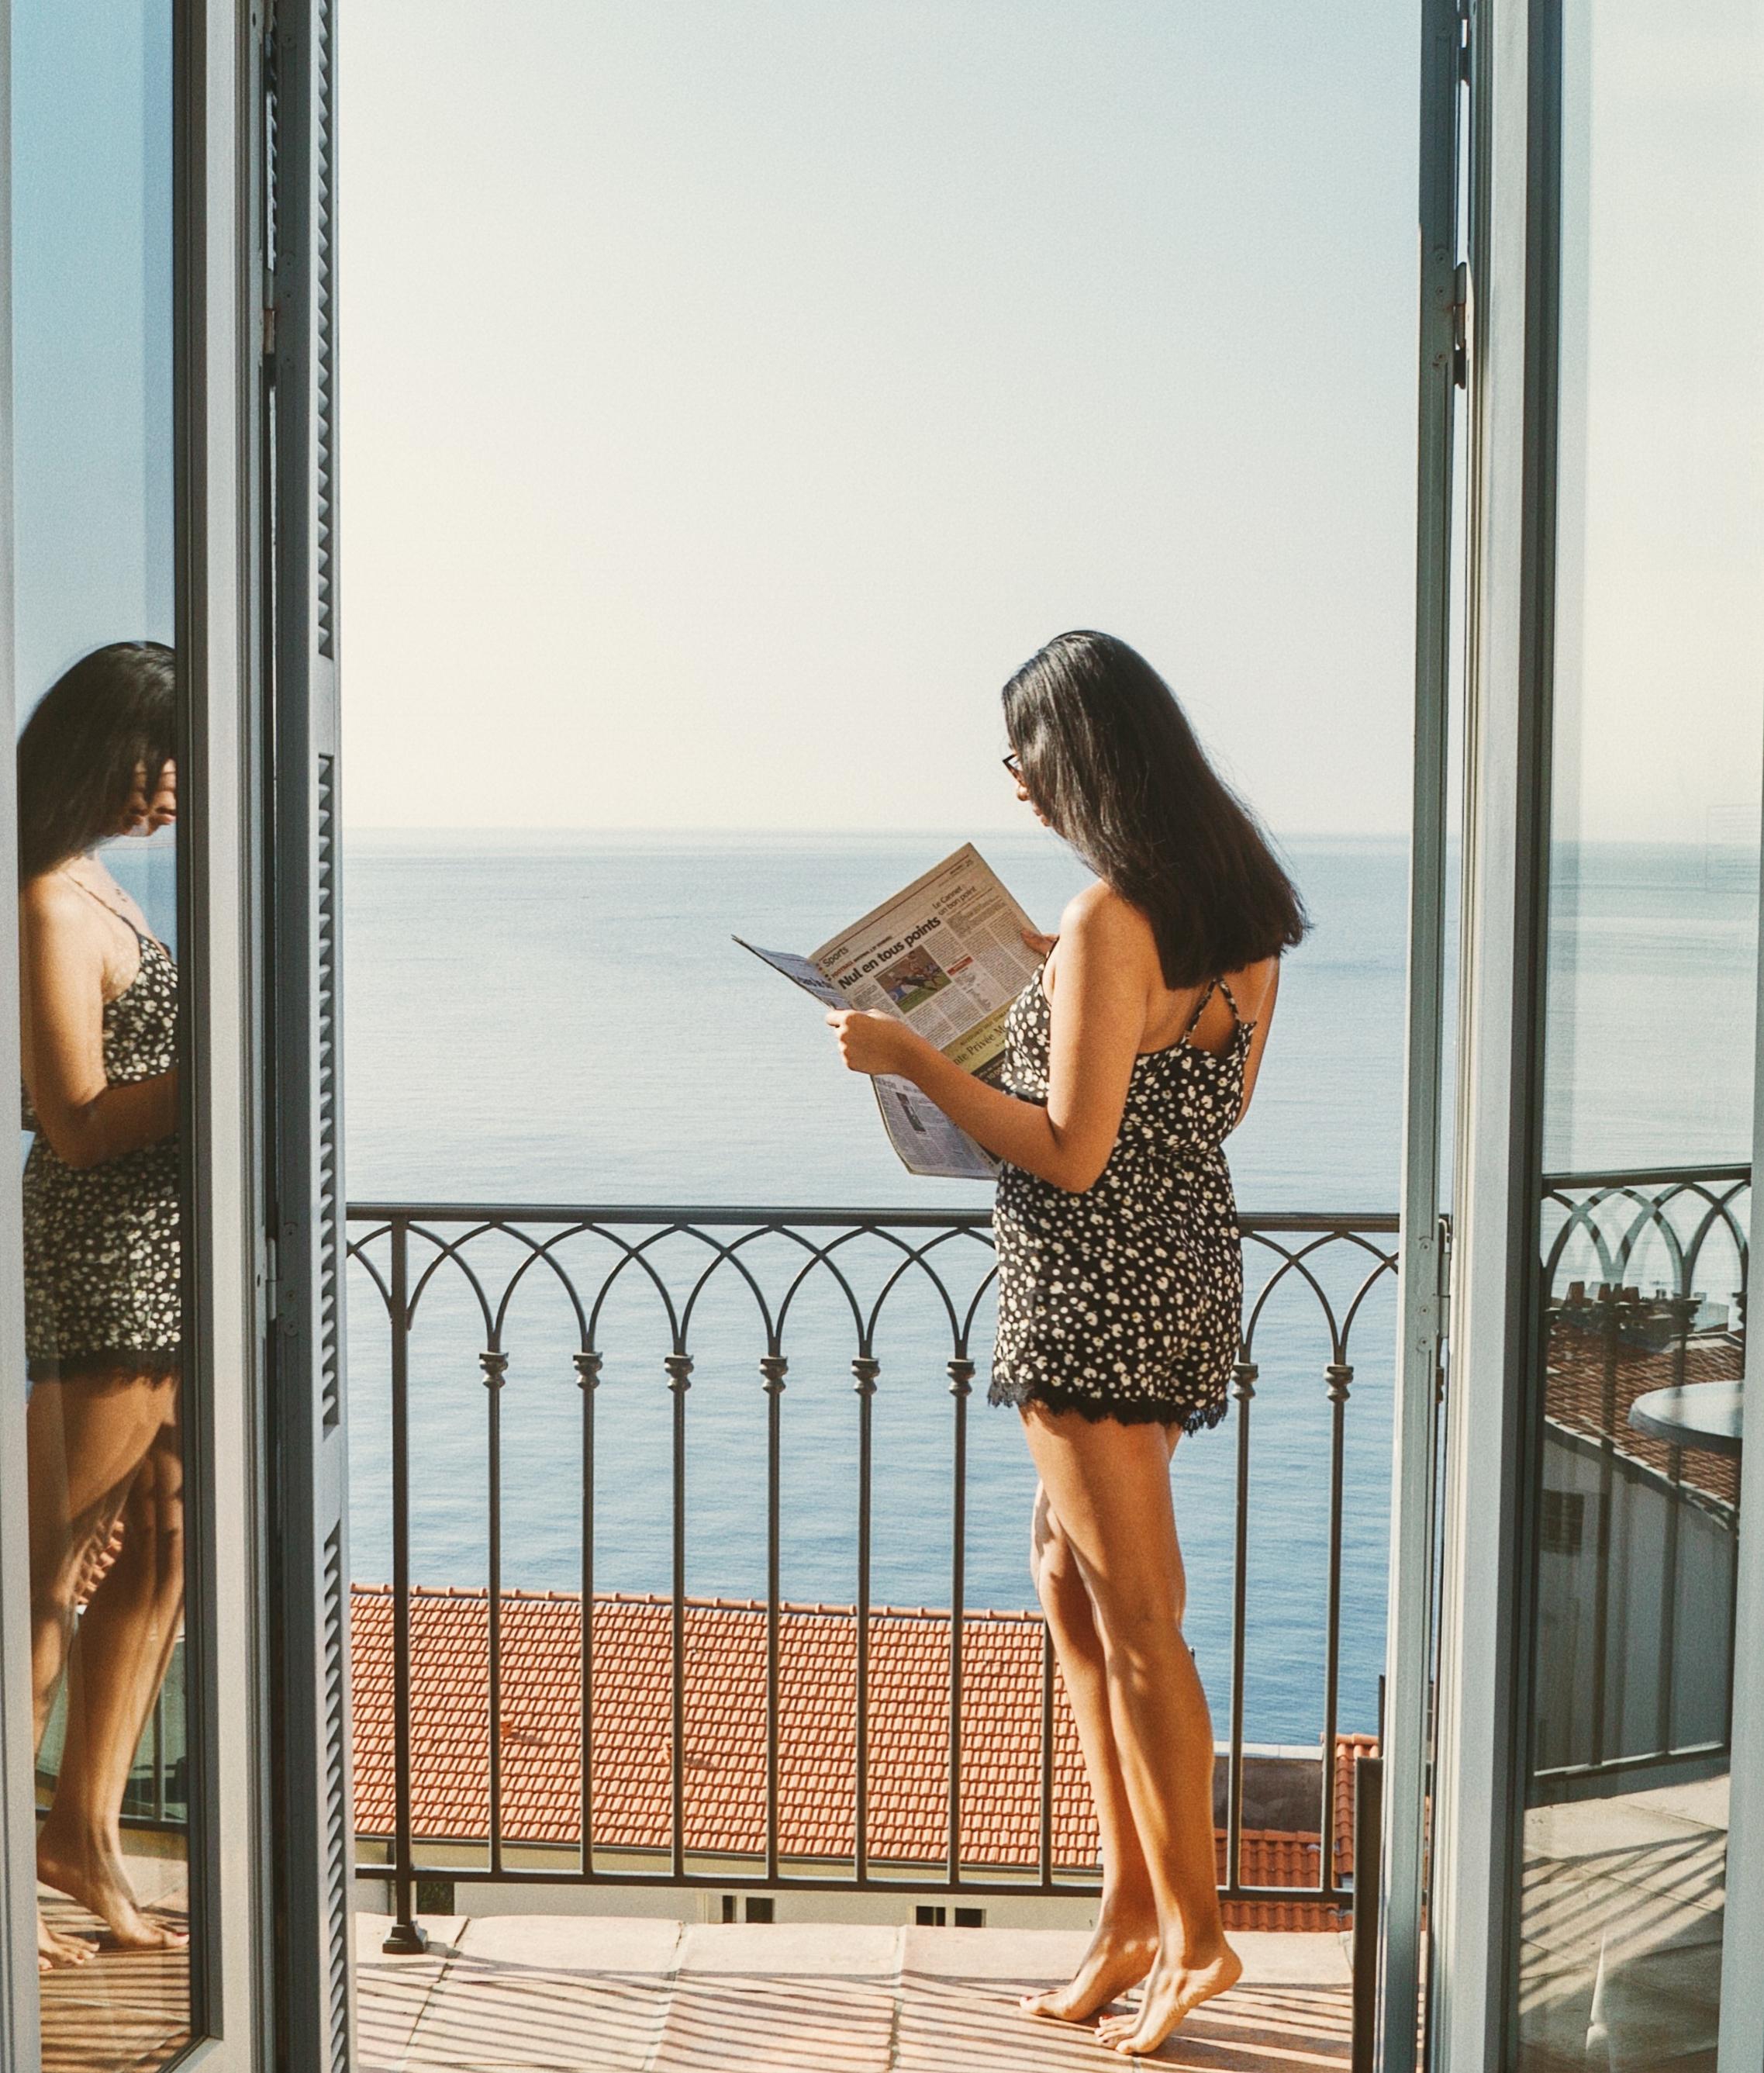 早上看,早上新闻在Hotel La Perouse  - 尼斯,法国